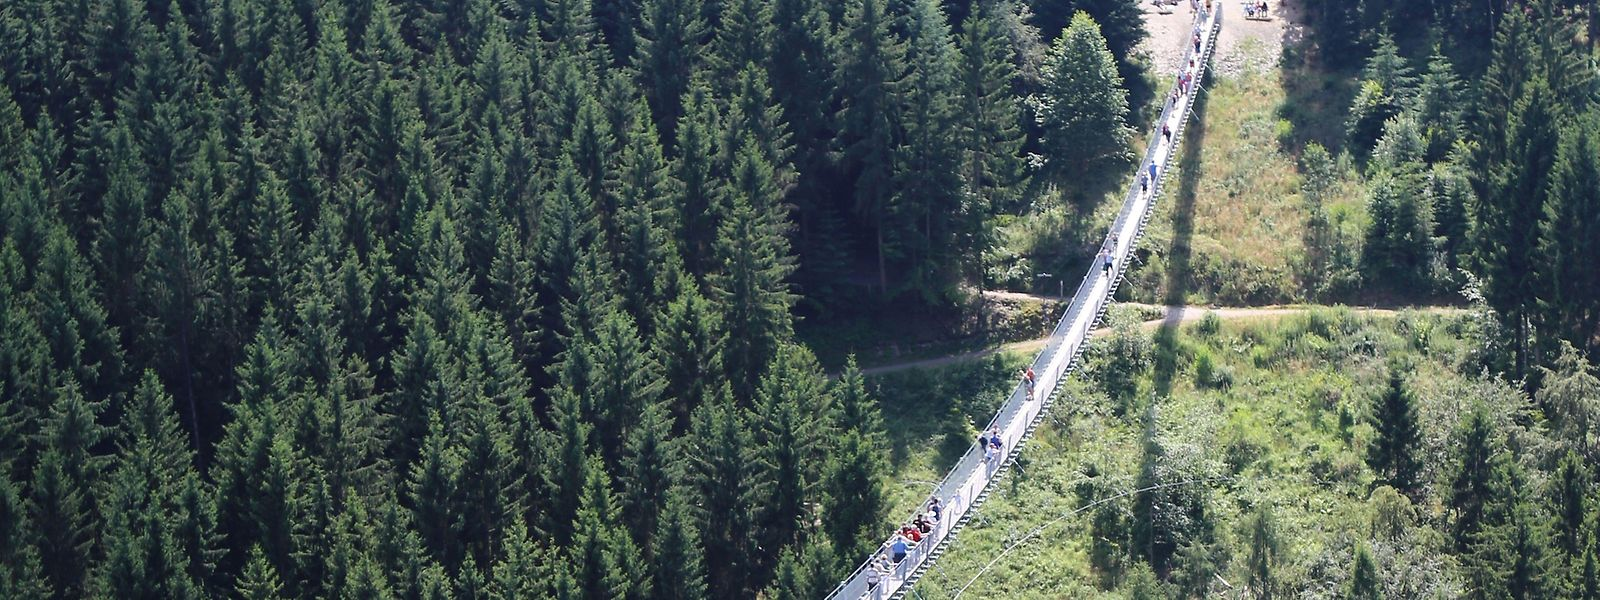 Wer die Geierlay-Hängebrücke vor 10 Uhr am Morgen besucht, hat sie beinahe für sich alleine. Danach tummeln sich immer mehr Wanderer auf der 360 Meter langen Konstruktion.